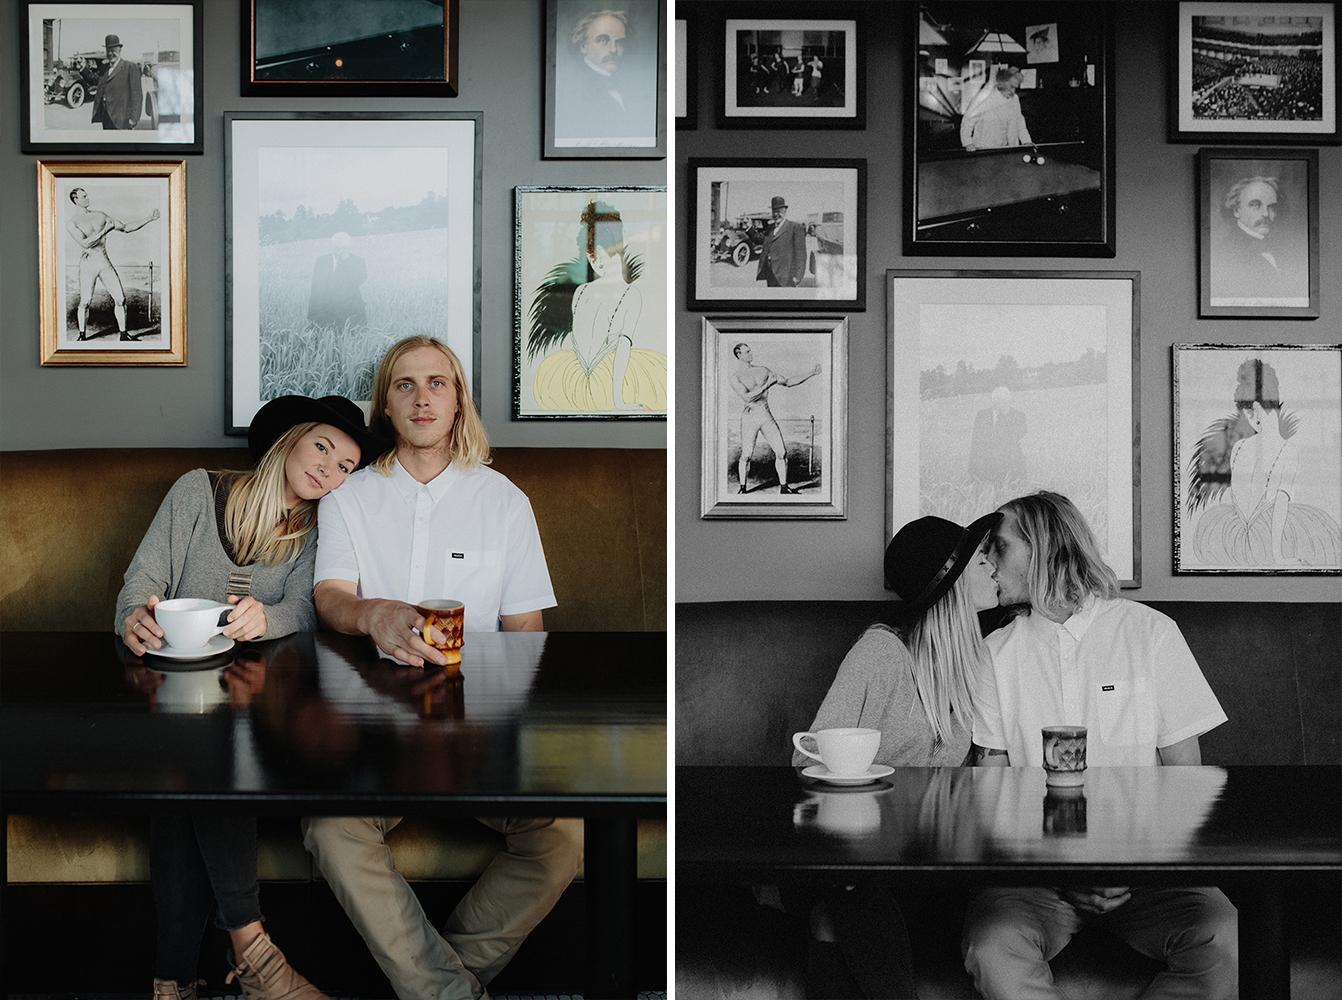 lindsey-brett-downtown-denver-couples-session-103.jpg